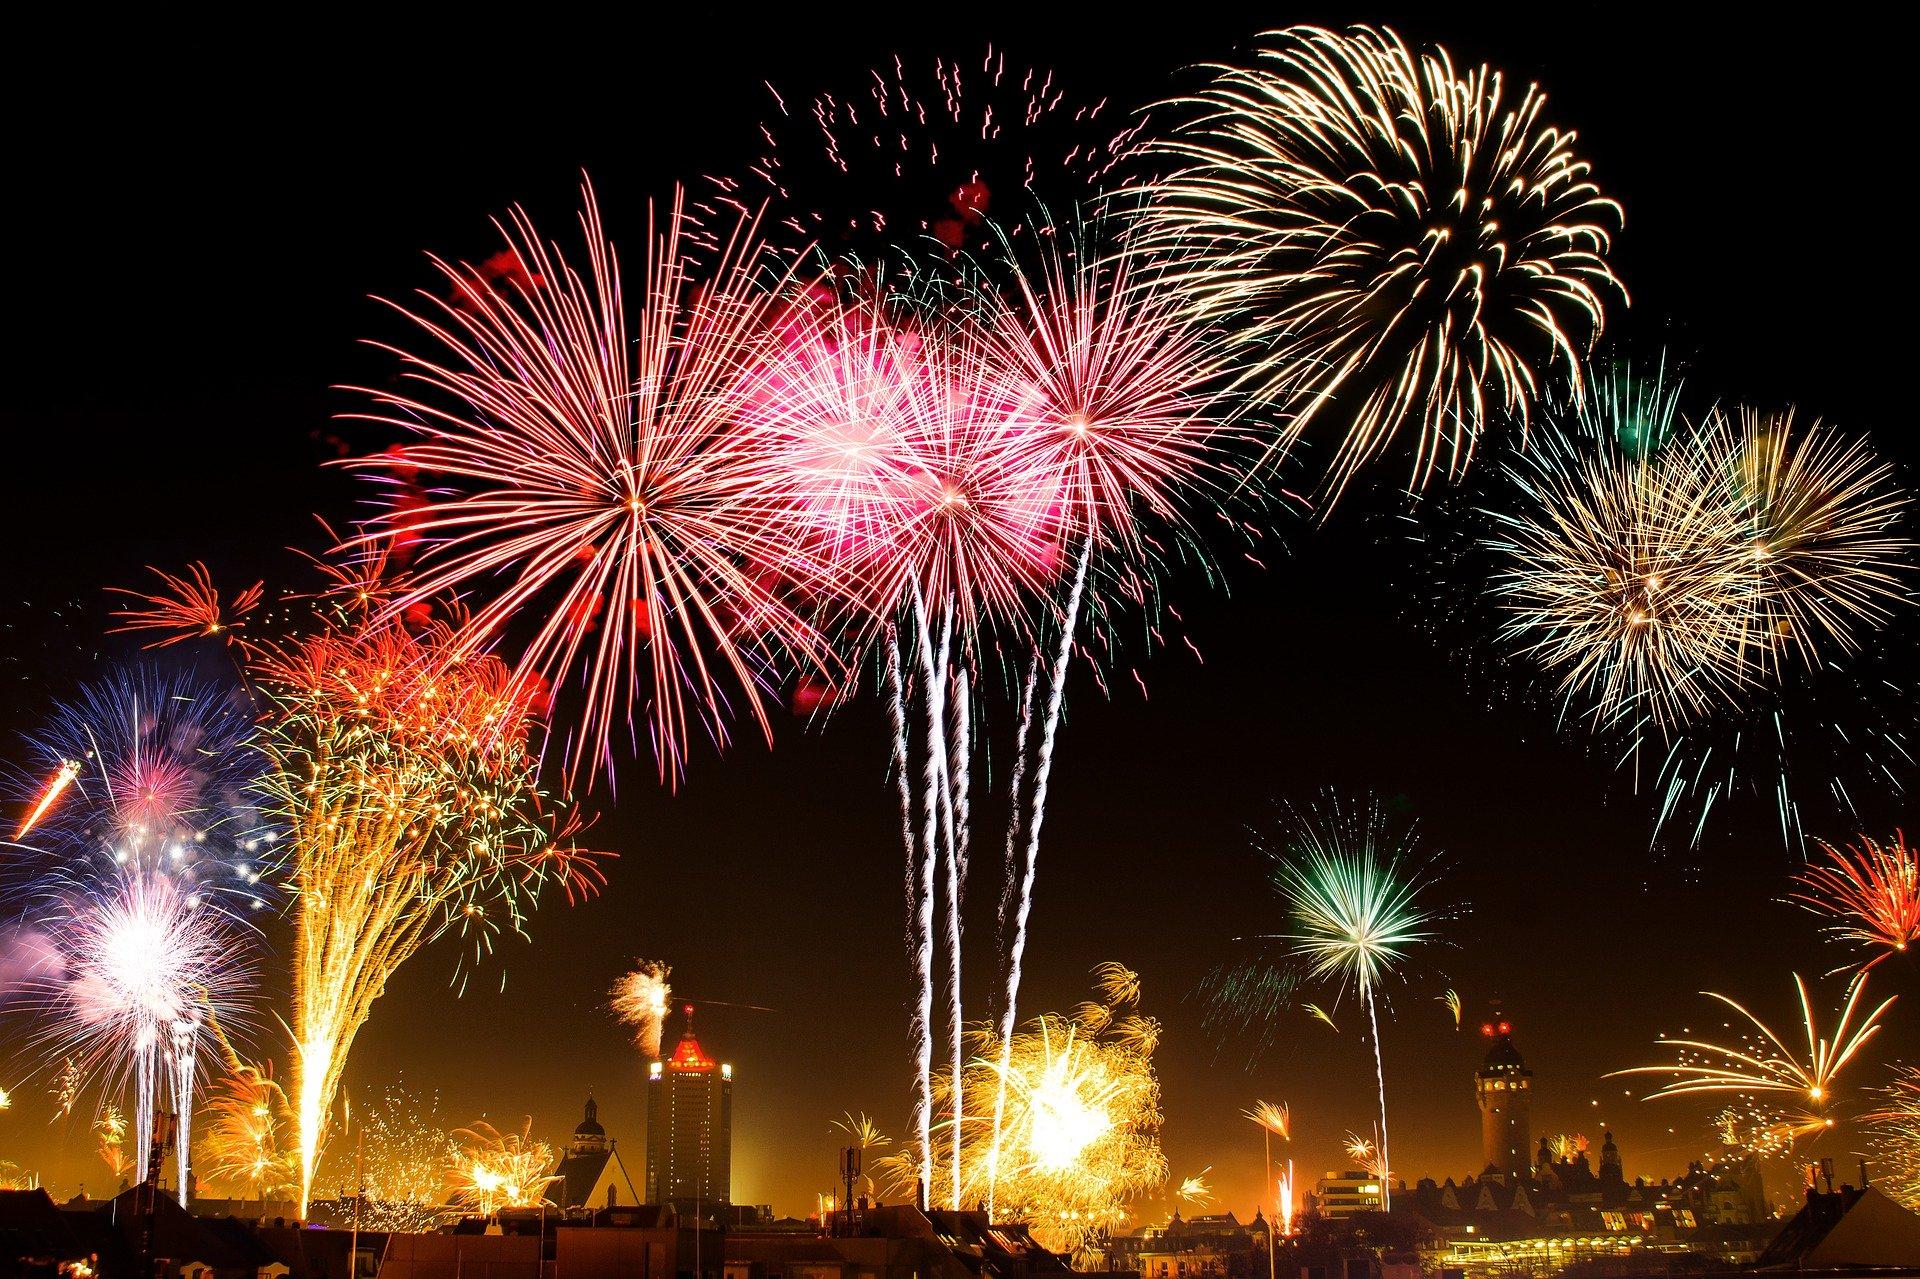 Lekarze rodzinni: Powitajmy Nowy Rok odpowiedzialnie, bez hucznych imprez